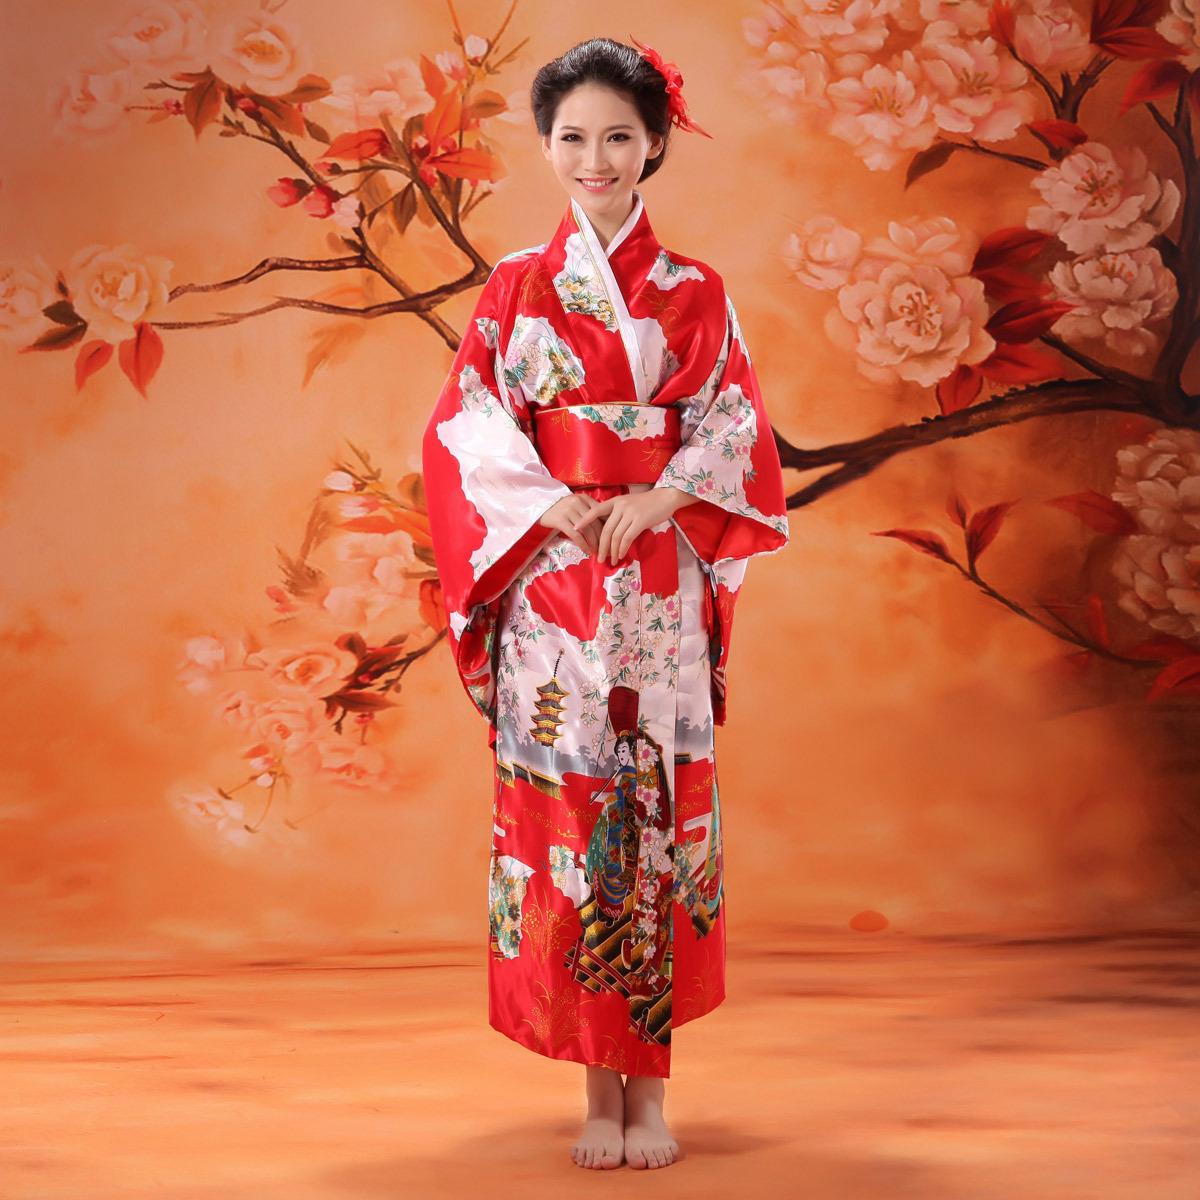 abiti costume costume maschile kimono